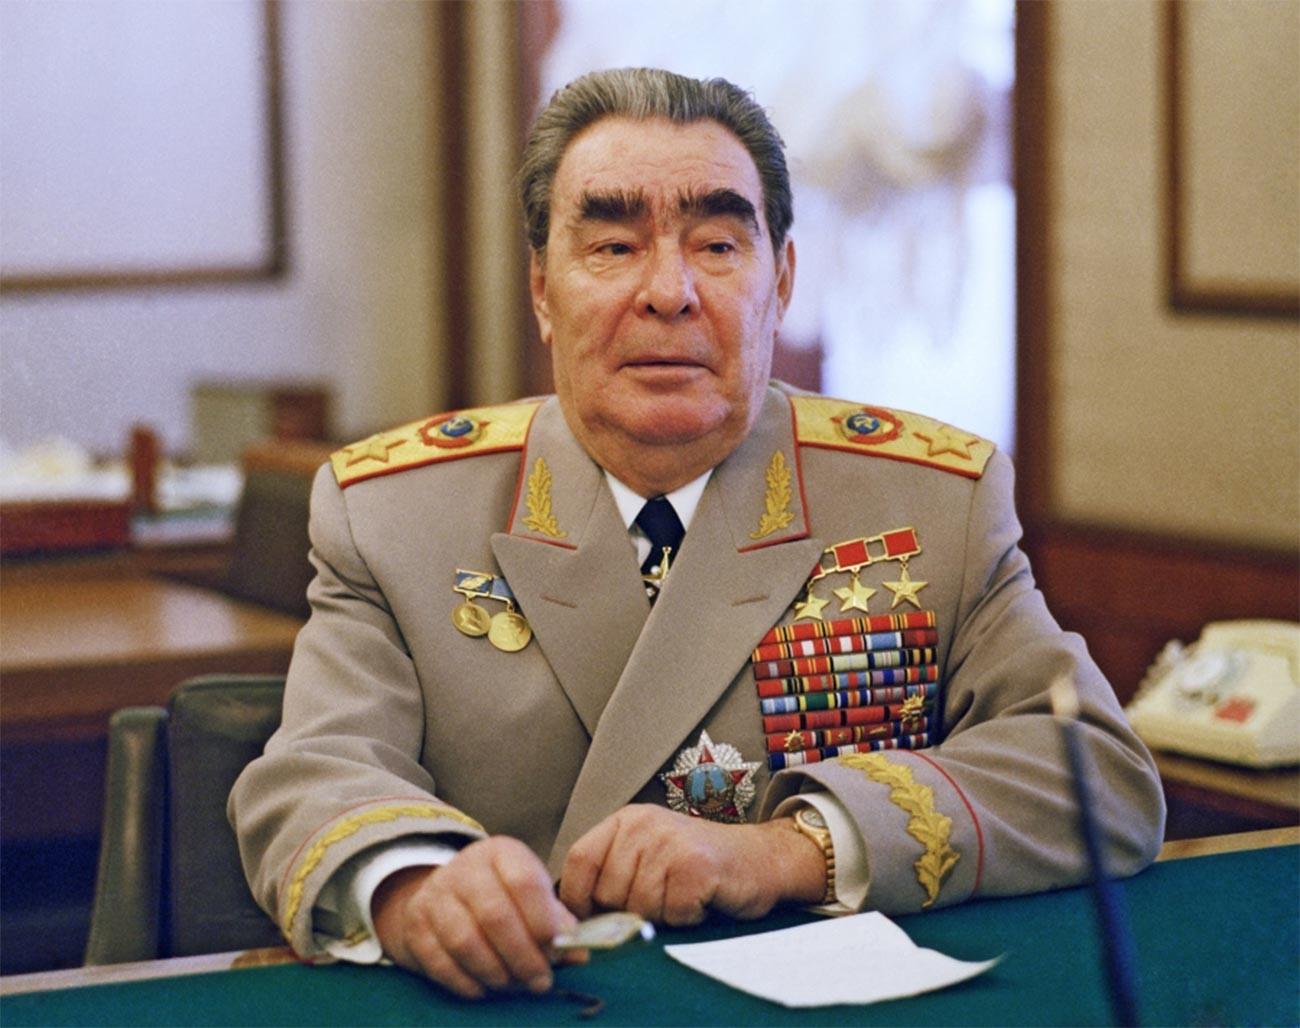 Leonid Brejnev com a Ordem da Vitória